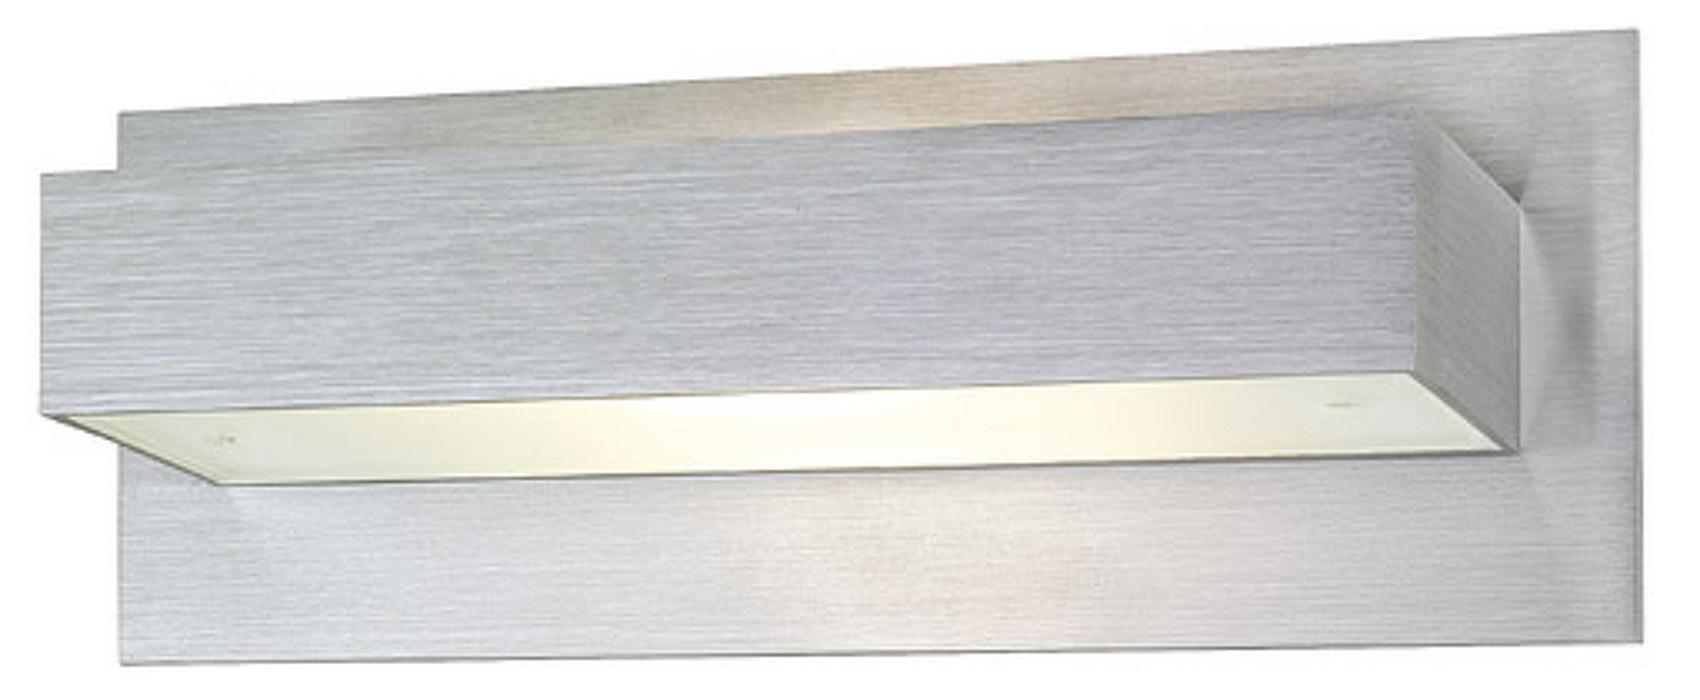 REN147566 - 1 650 Kč